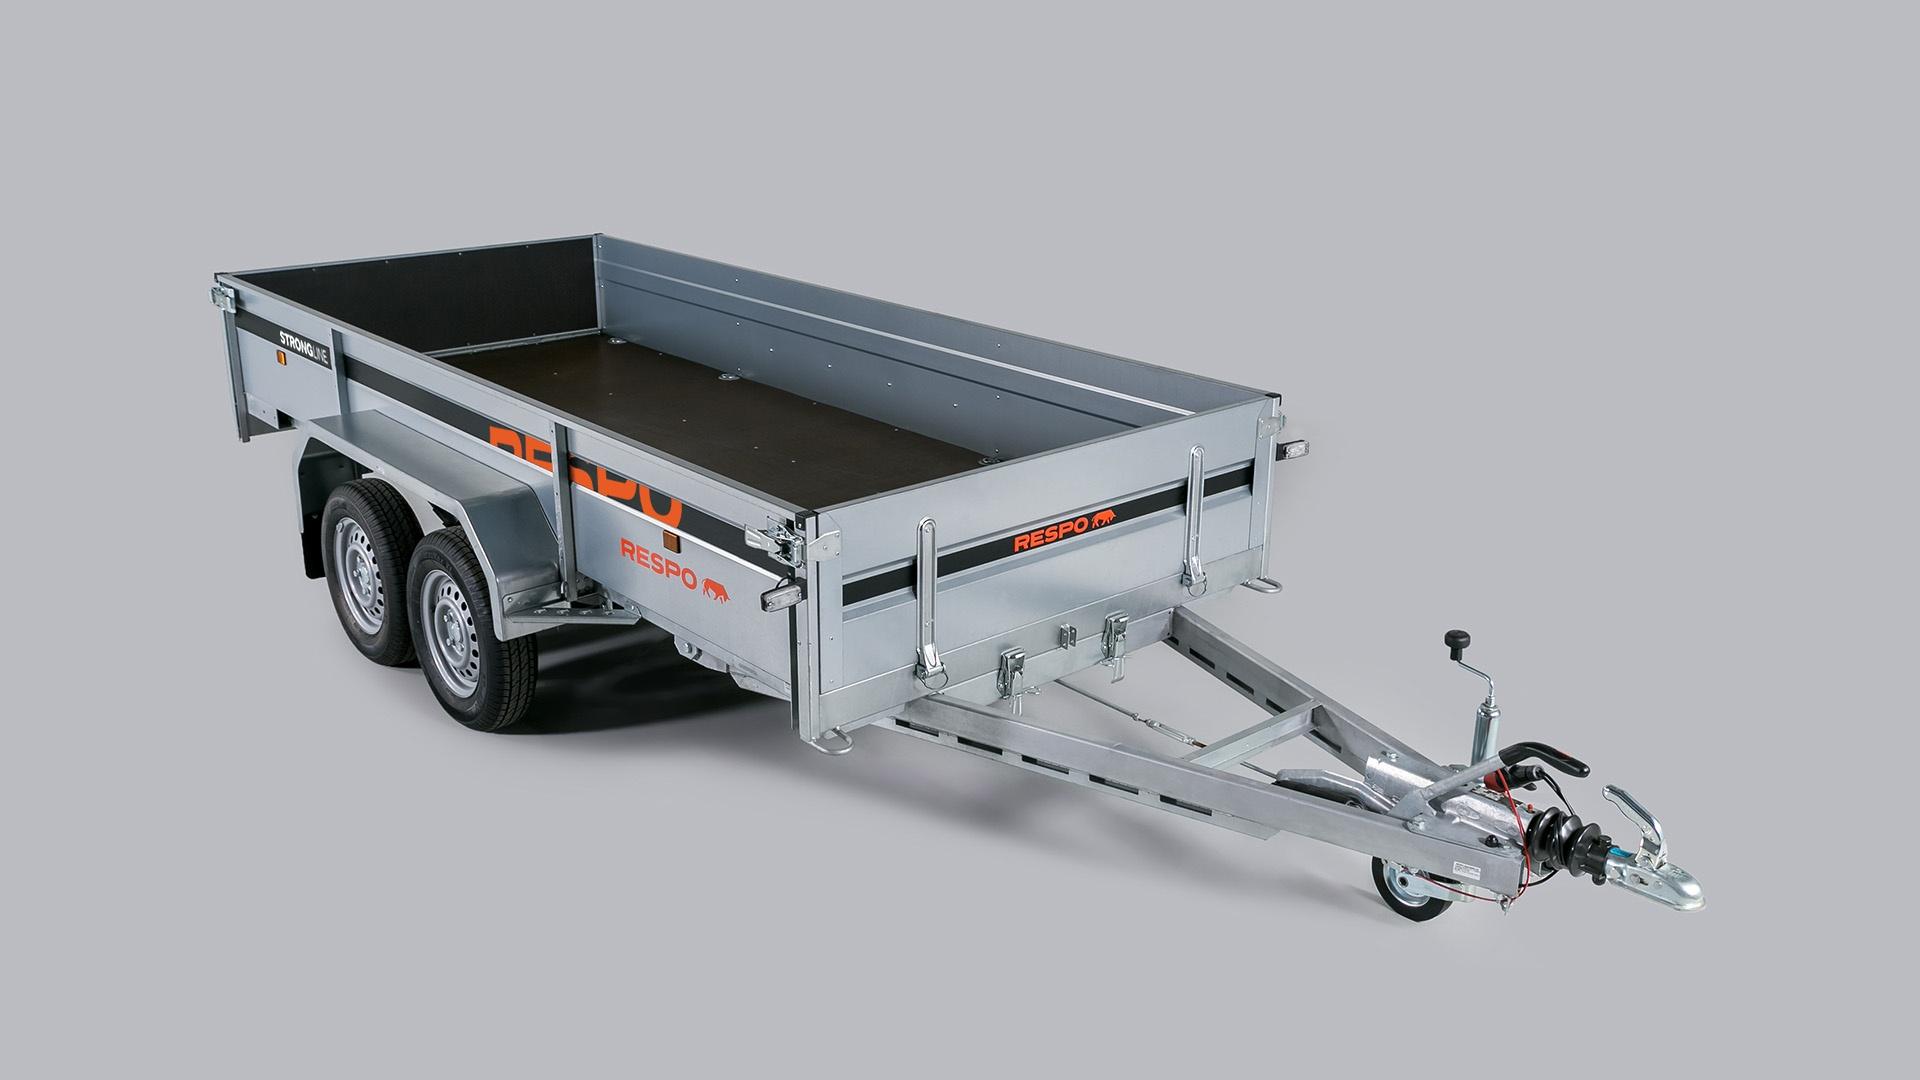 RESPO 1700M352L150 - dviašė linginė priekaba su stabdžiais ir atvertimo galimybe.